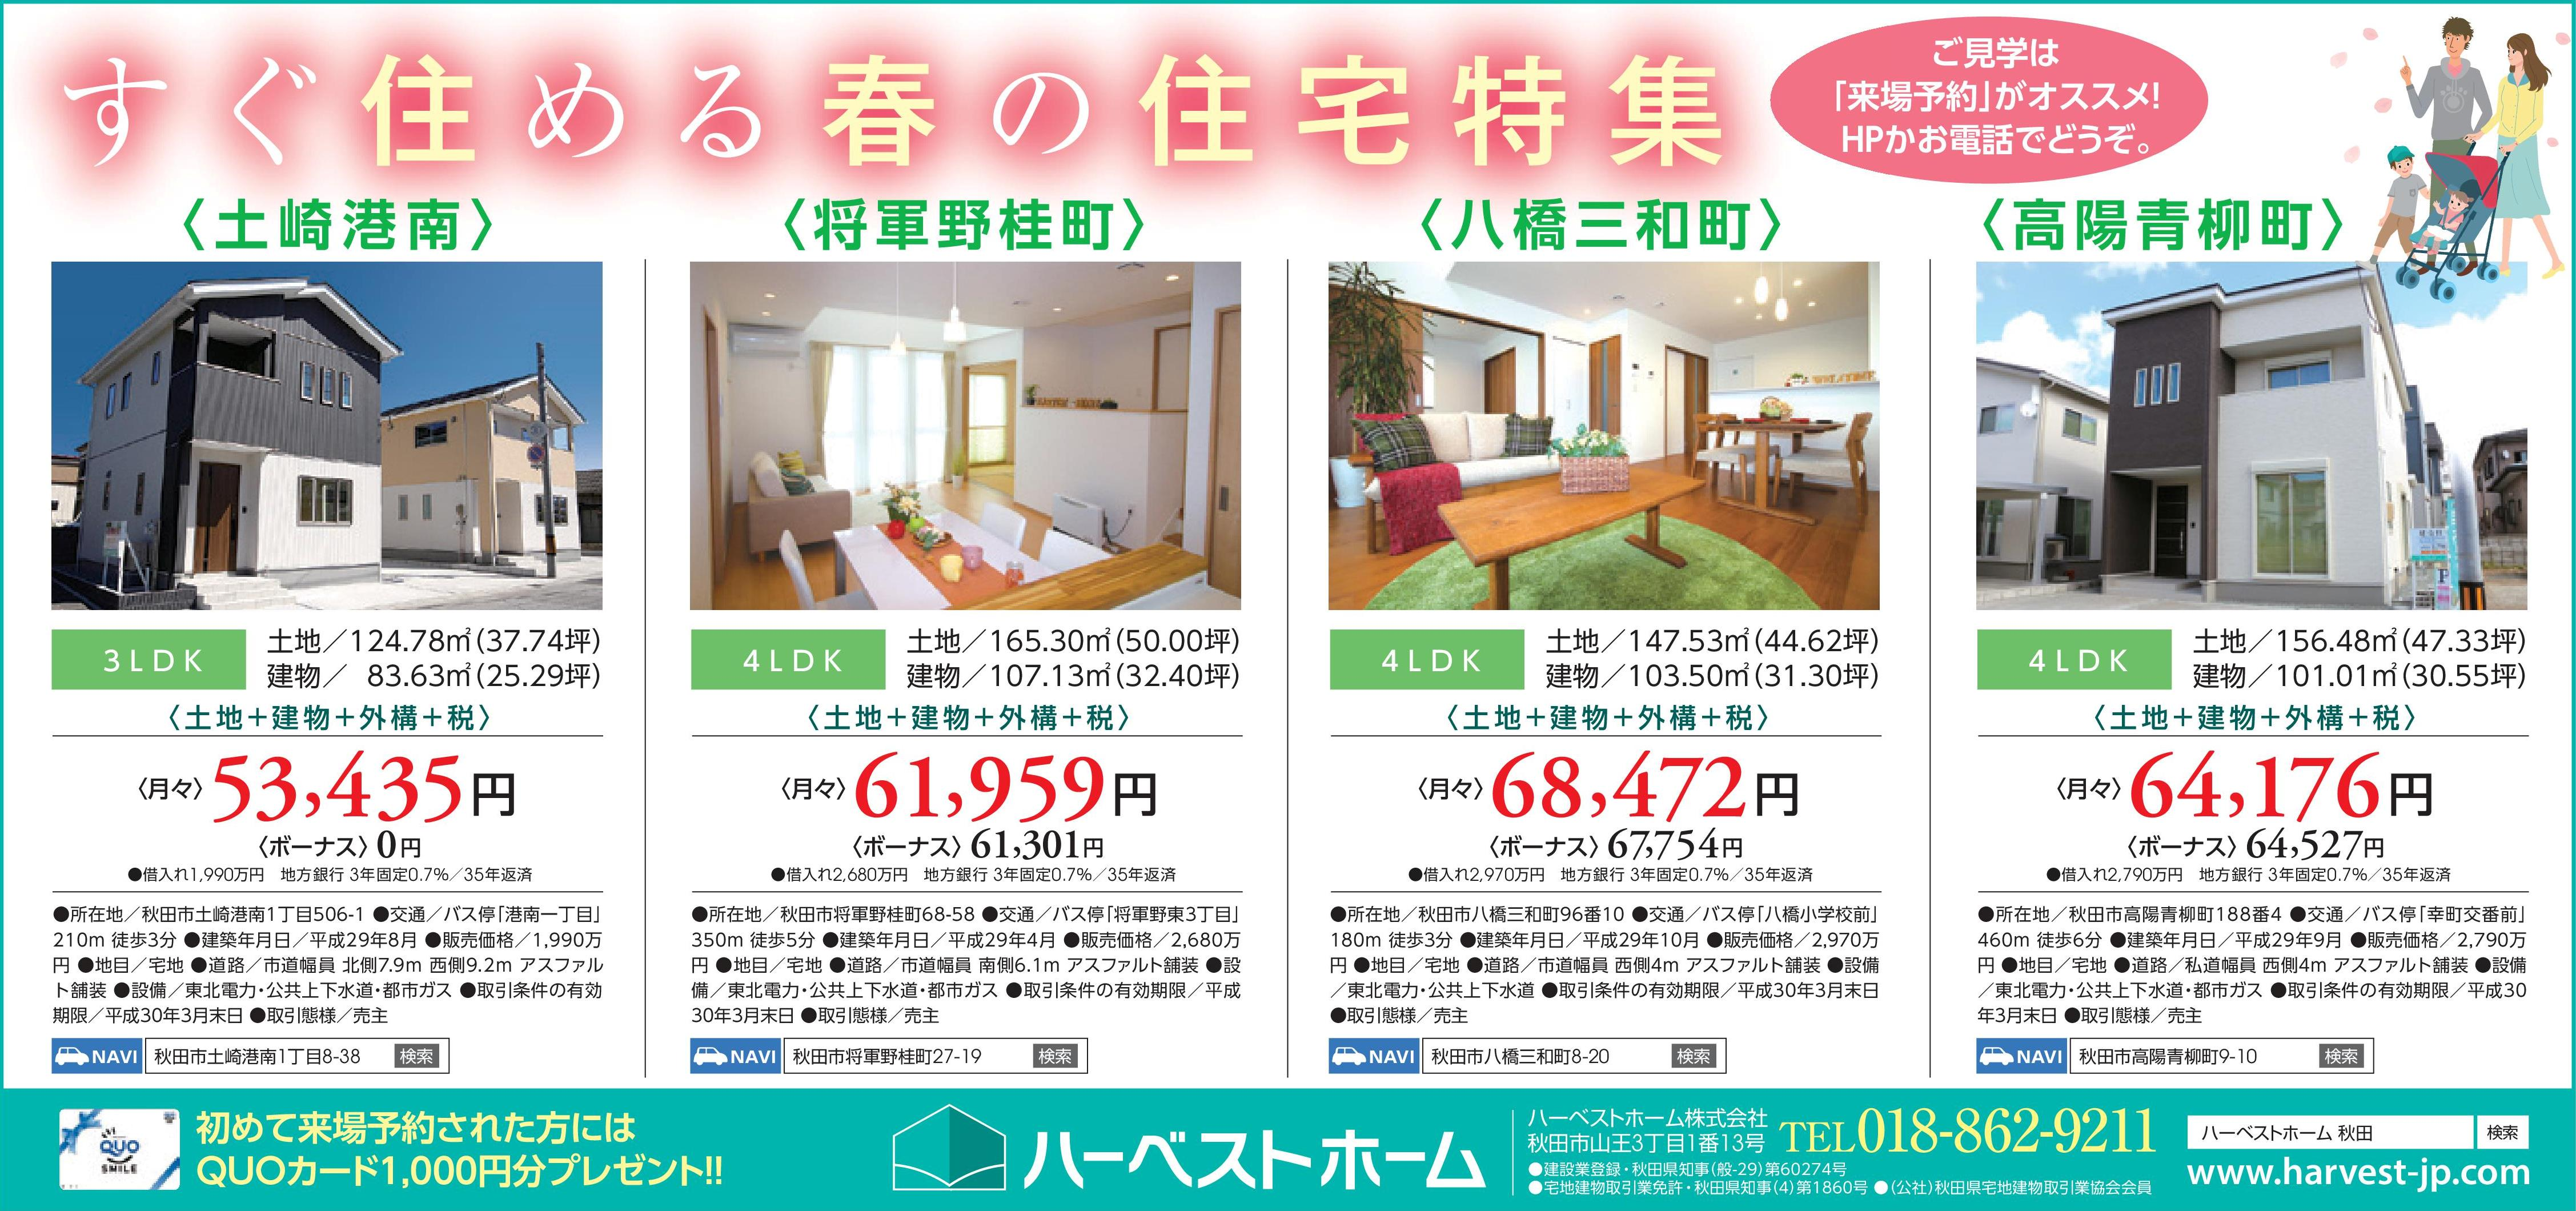 『すぐ住める春の住宅特集』